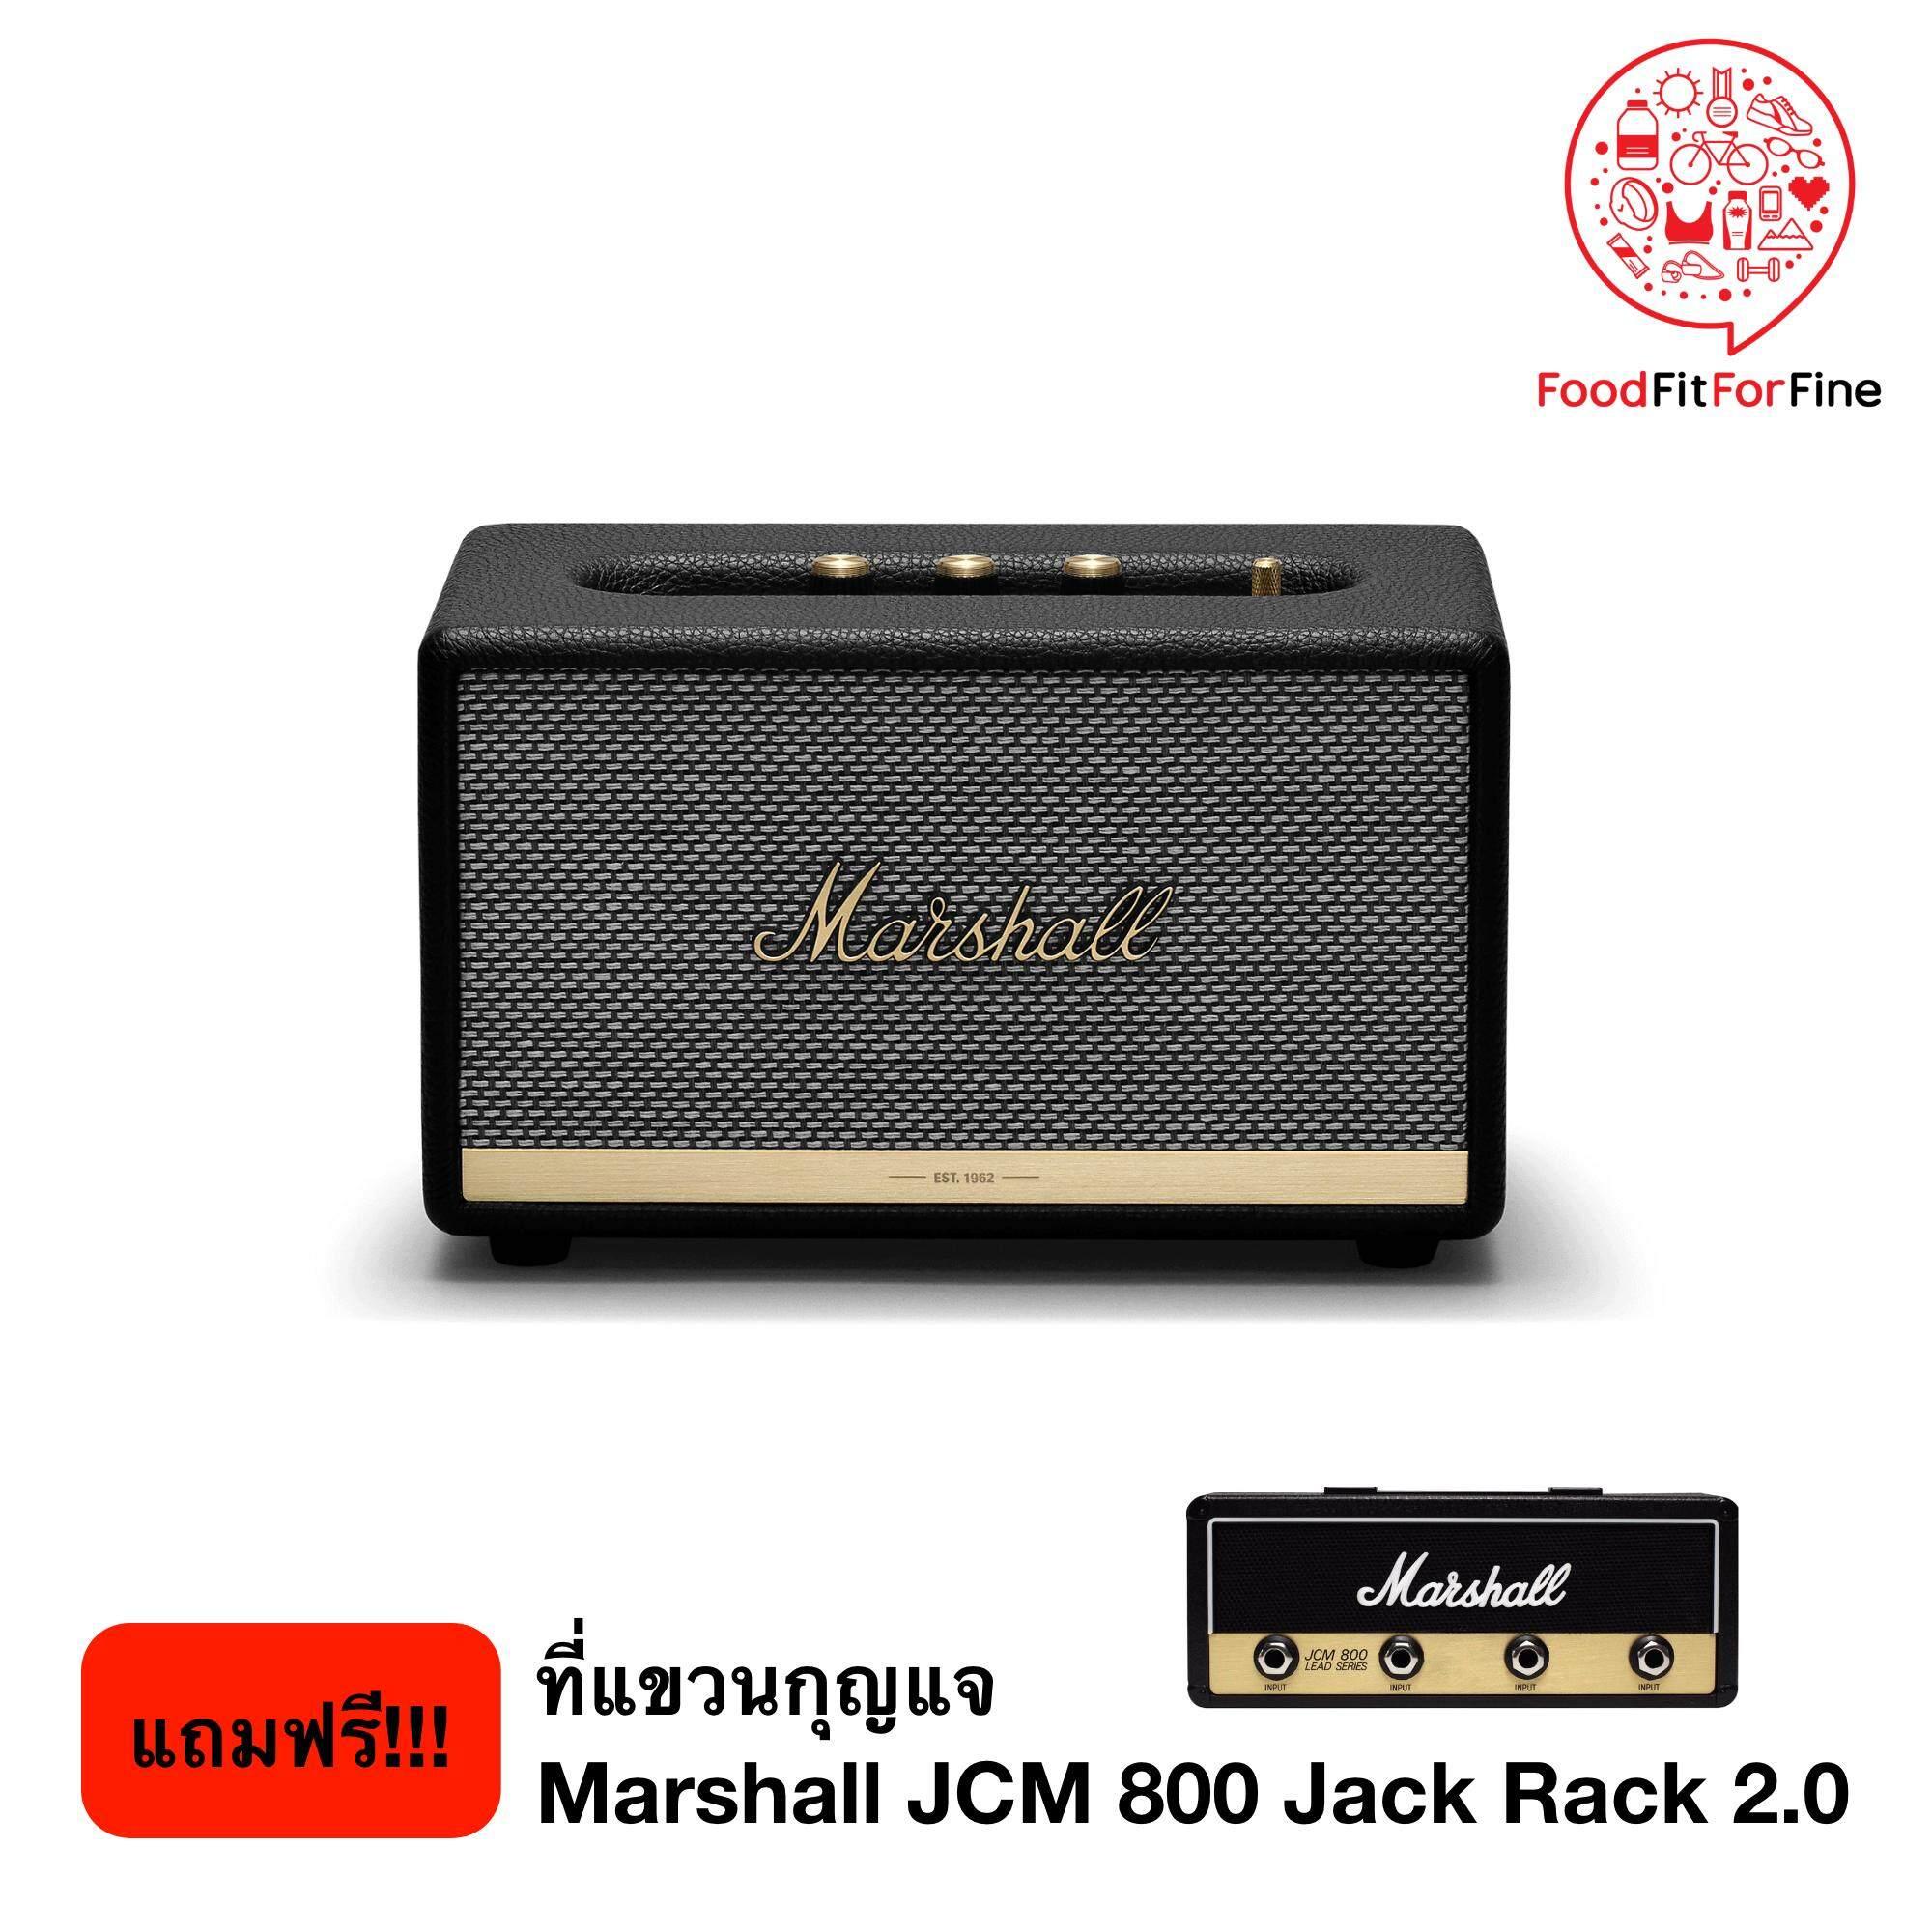 เชียงราย ลำโพง Marshall Acton ll Bluetooth Speaker ประกันศูนย์ไทย 1 ปี แถมฟรี ที่แขวนกุญแจ Marshall JCM 800 Jack Rack 2.0